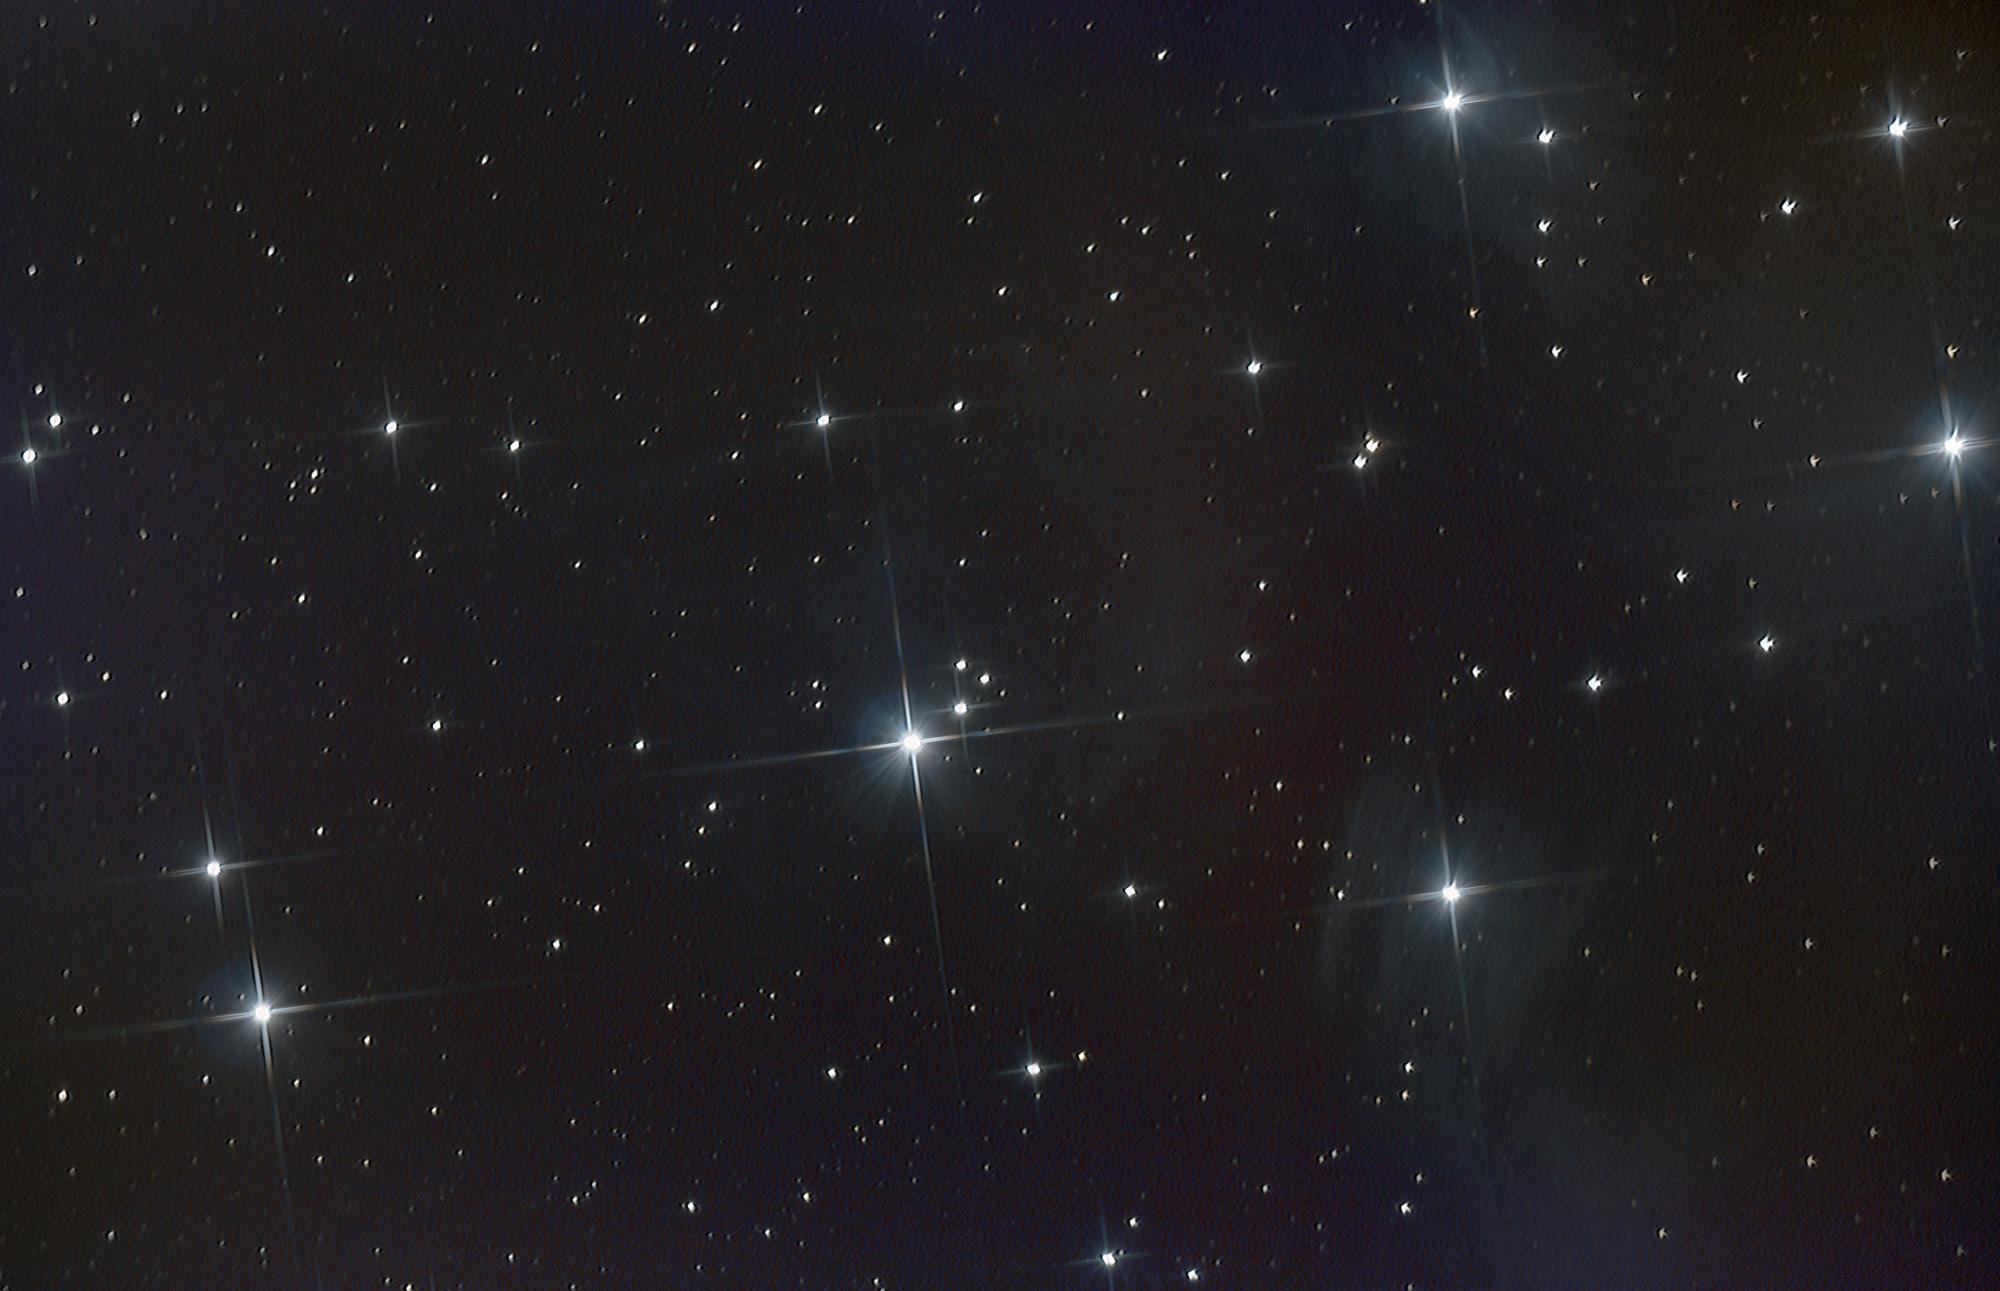 pleiades.thumb.jpg.3ec1db41555cab4b64a8428b28223b1e.jpg